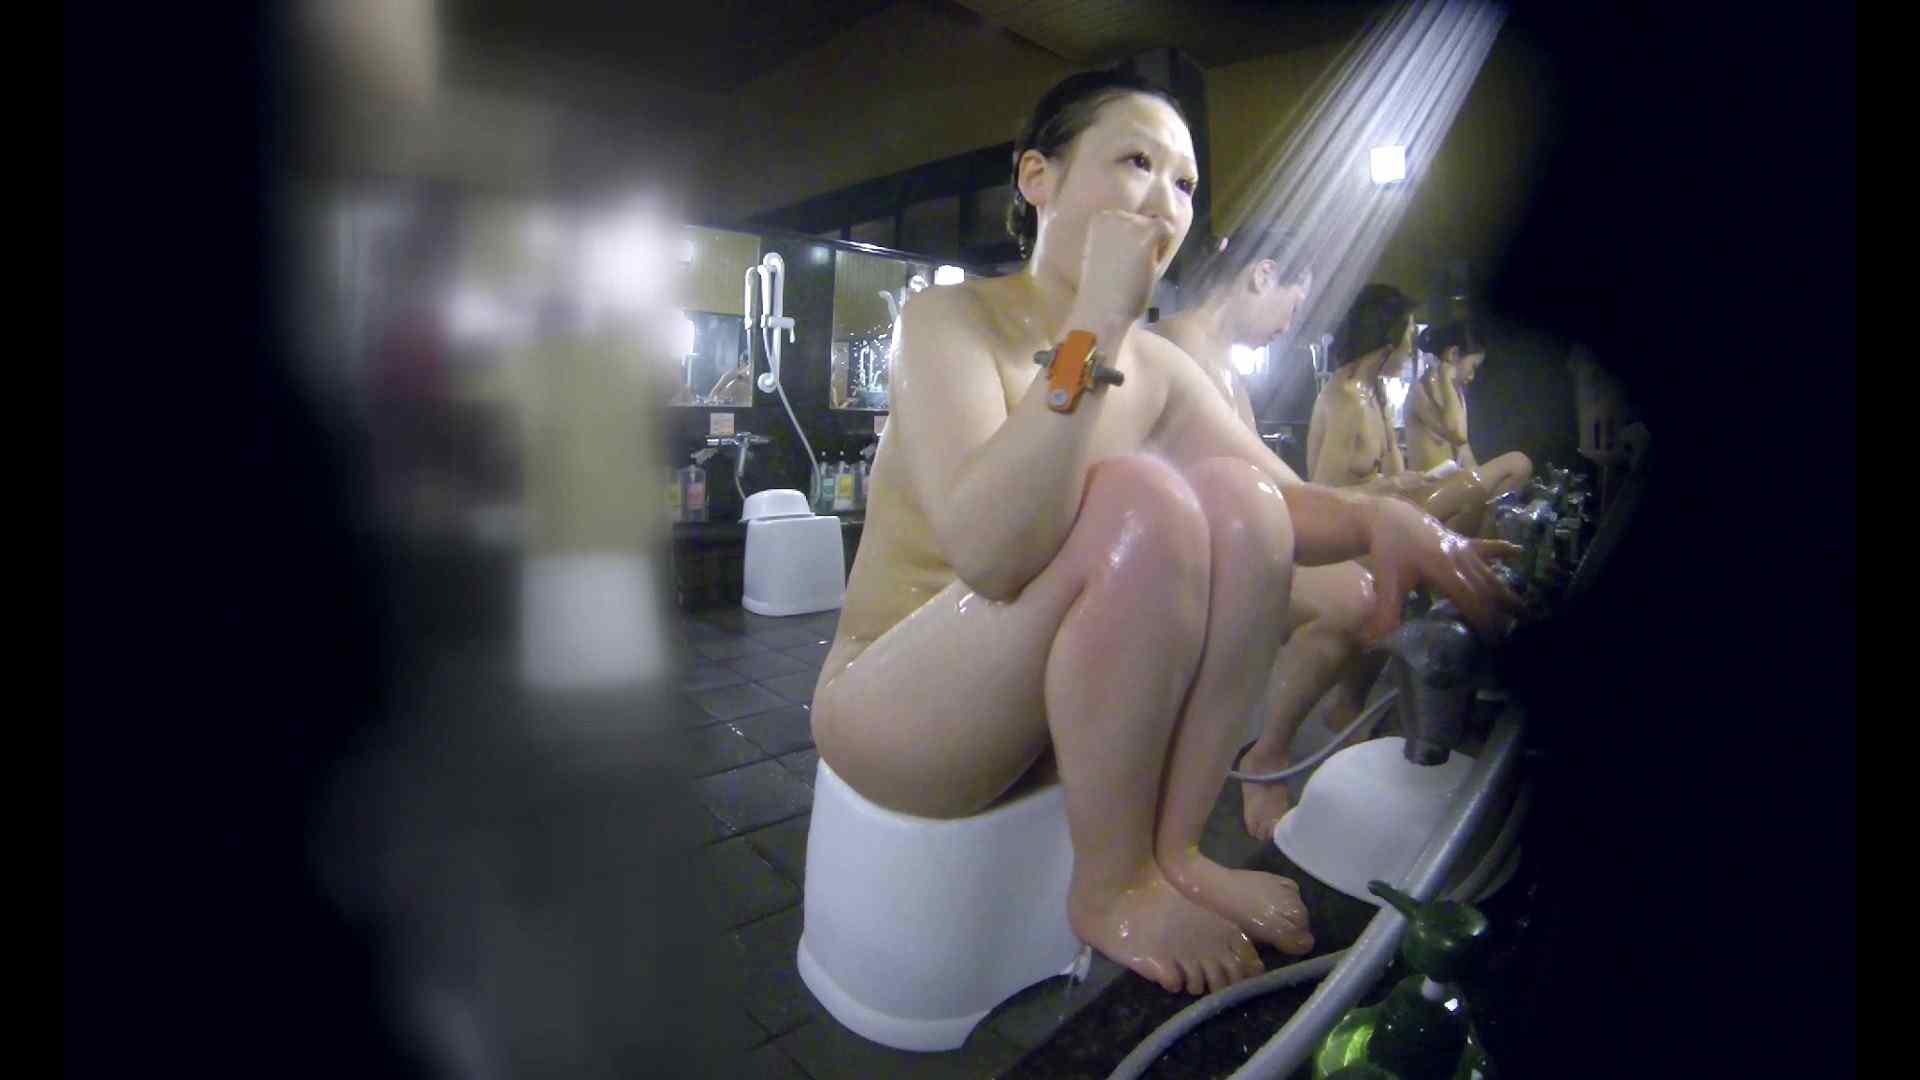 洗い場!米粉パンかのようなもっちり感。あっ!具が! 銭湯   潜入エロ調査  99連発 19